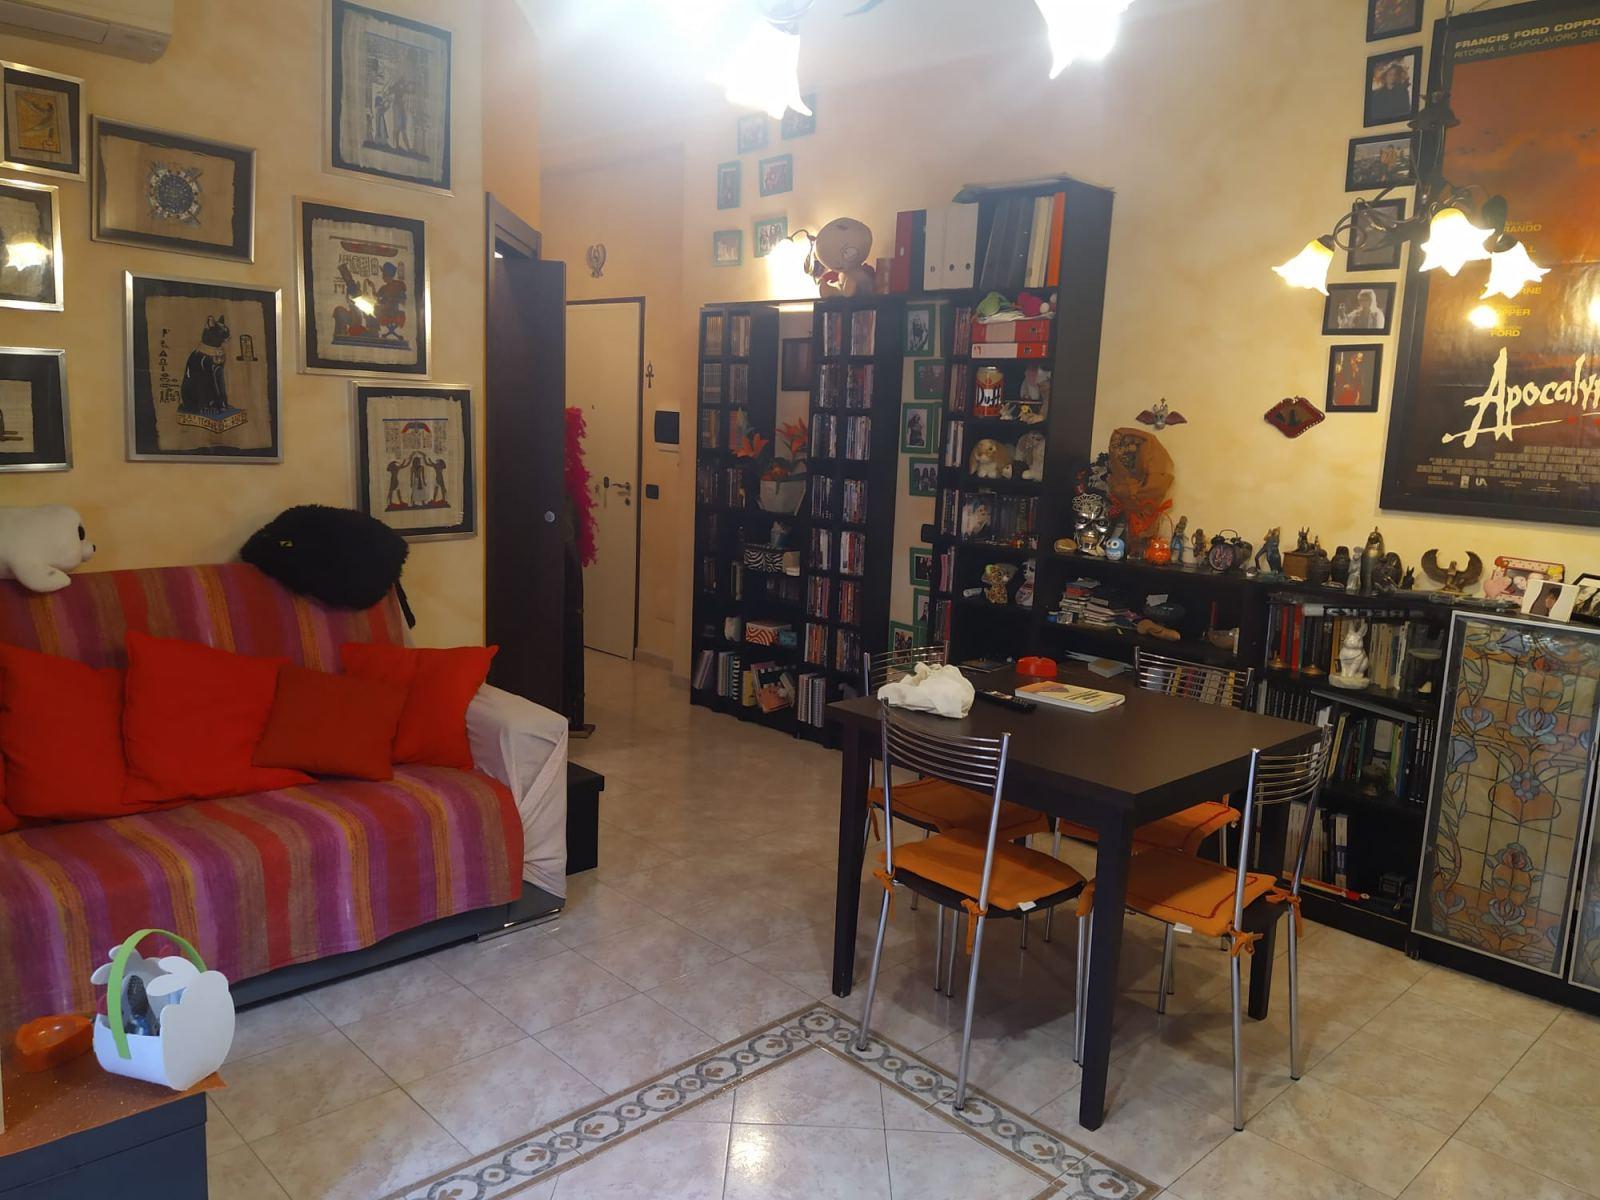 appartamento-bilocale-in-vendita-a-corsico-spaziourbano-immobiliare-vende-14